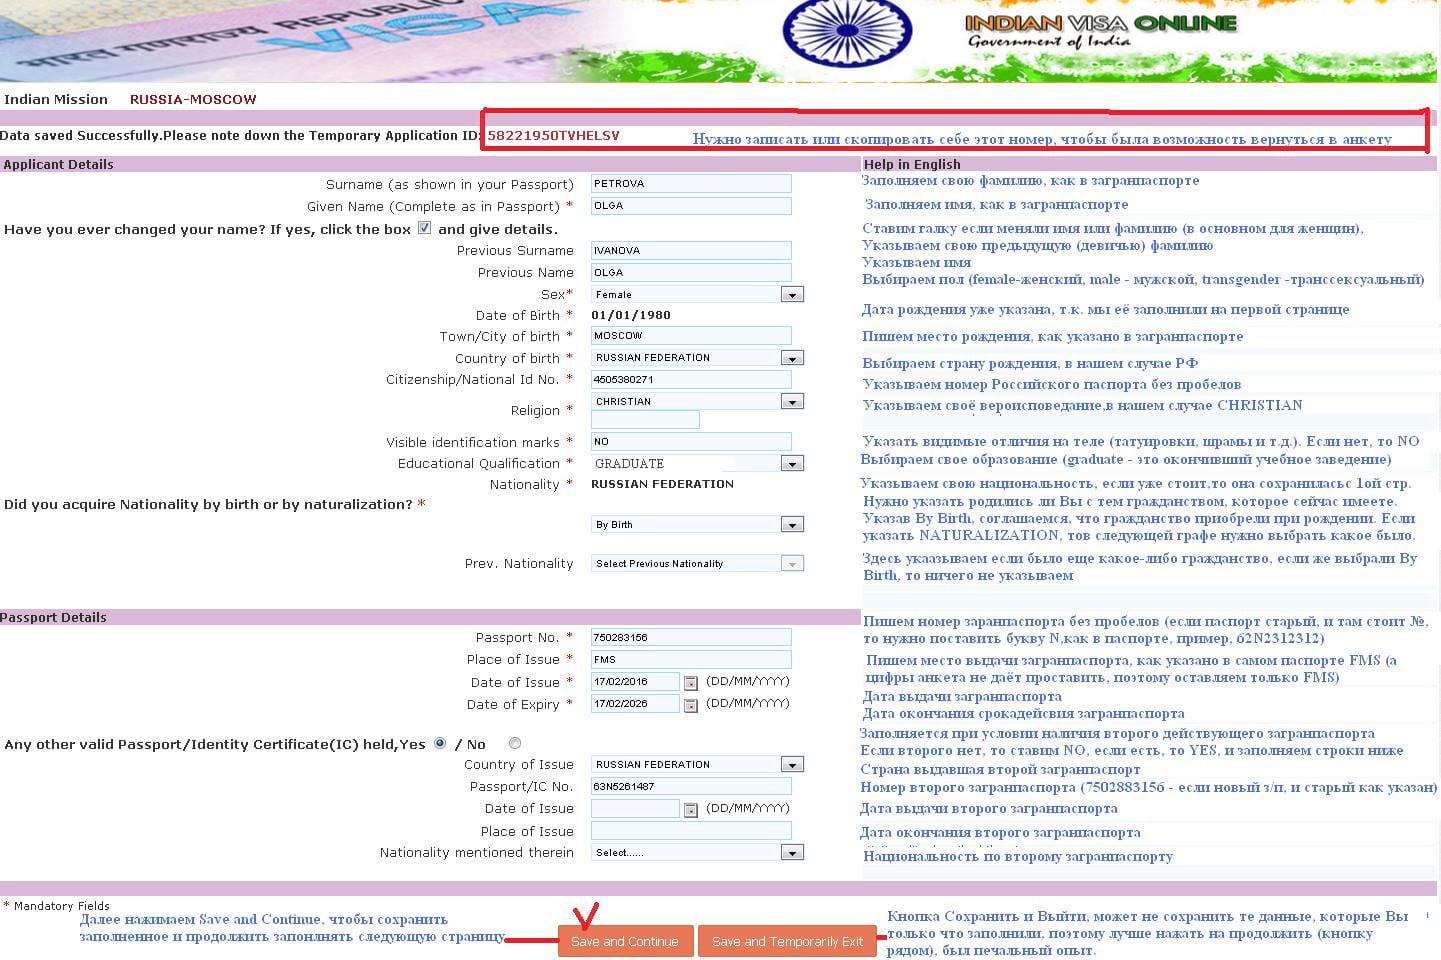 Как выглядит электронная виза в Индию